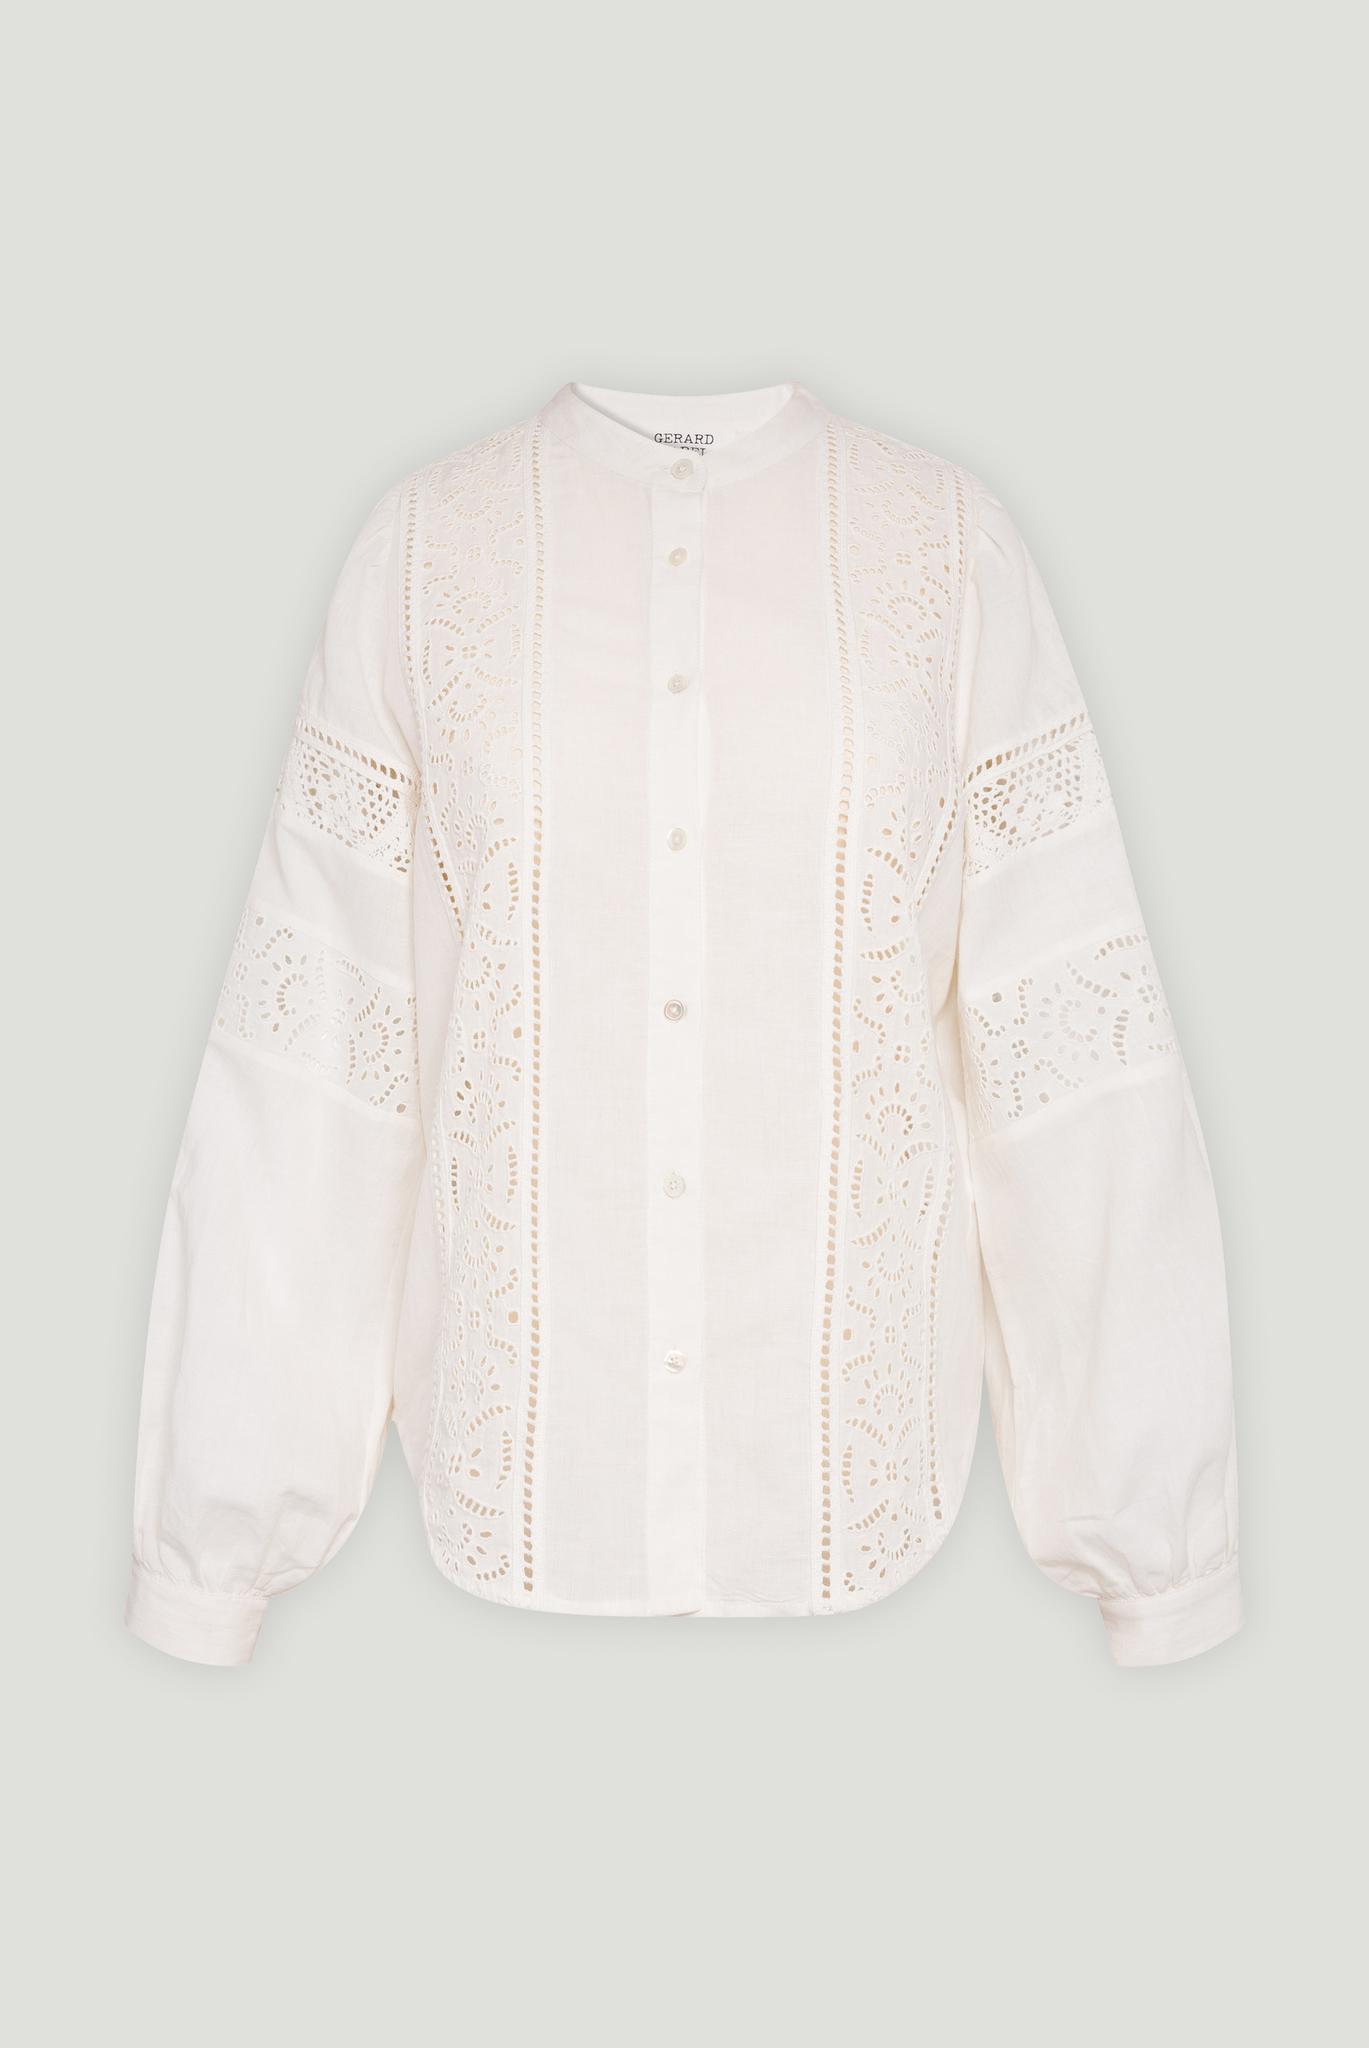 NELLORE - Блуза с венгерской вышивкой